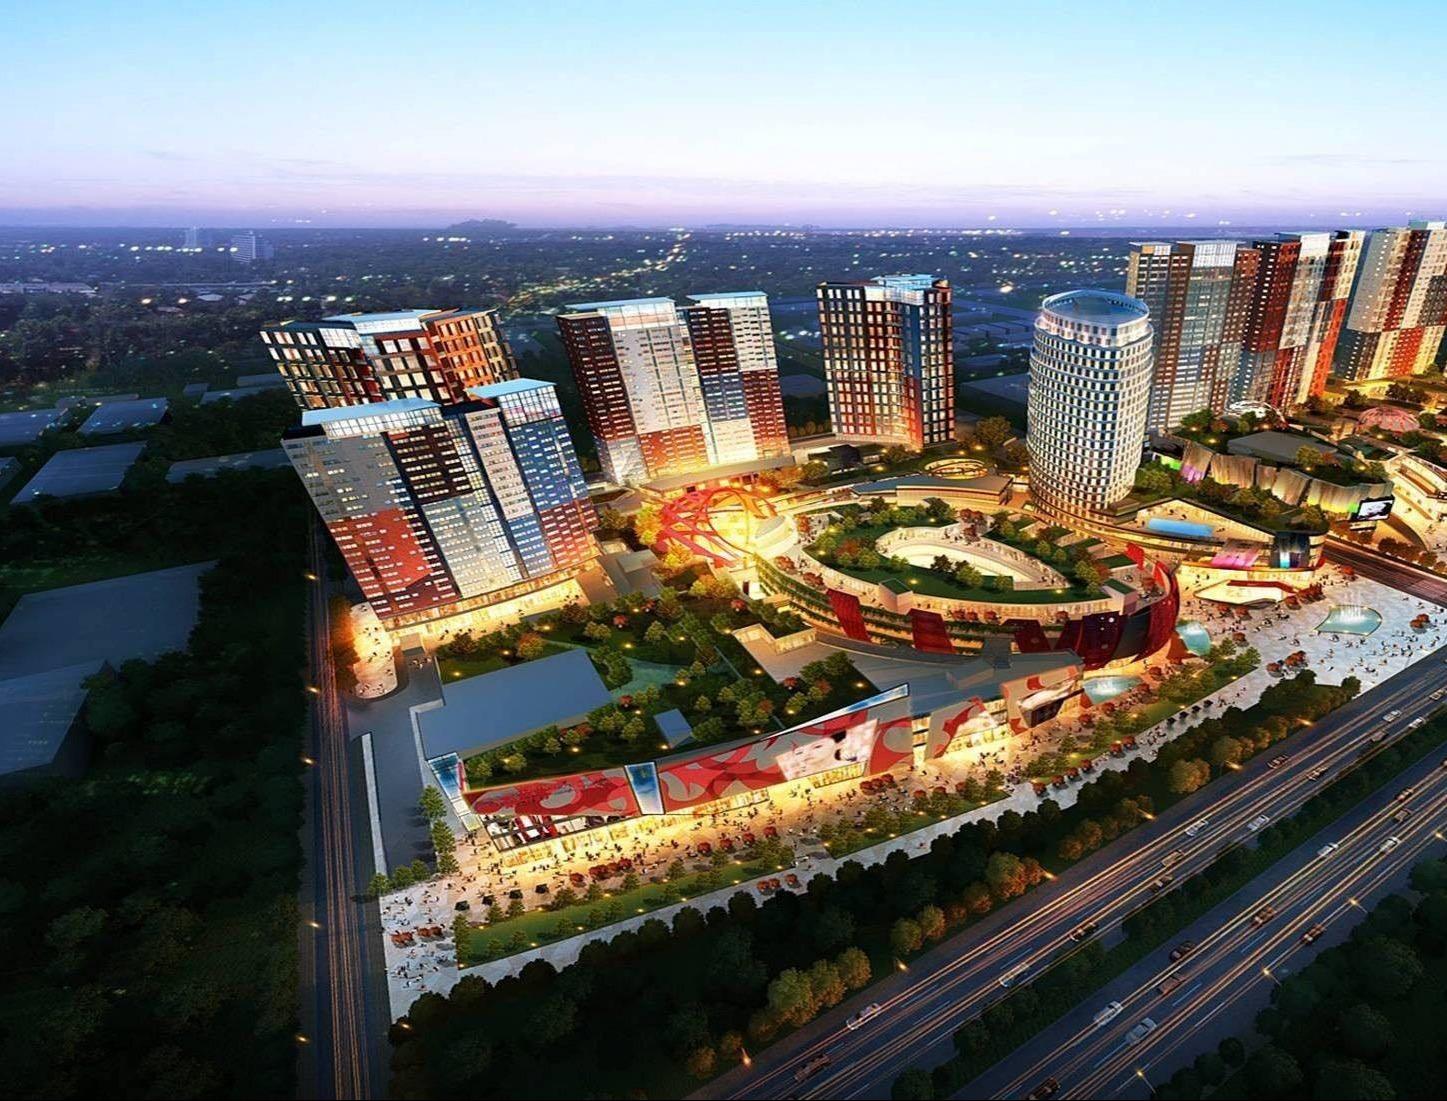 姑苏区海胥澜庭项目规划 藏在姑苏古城里的繁华公园